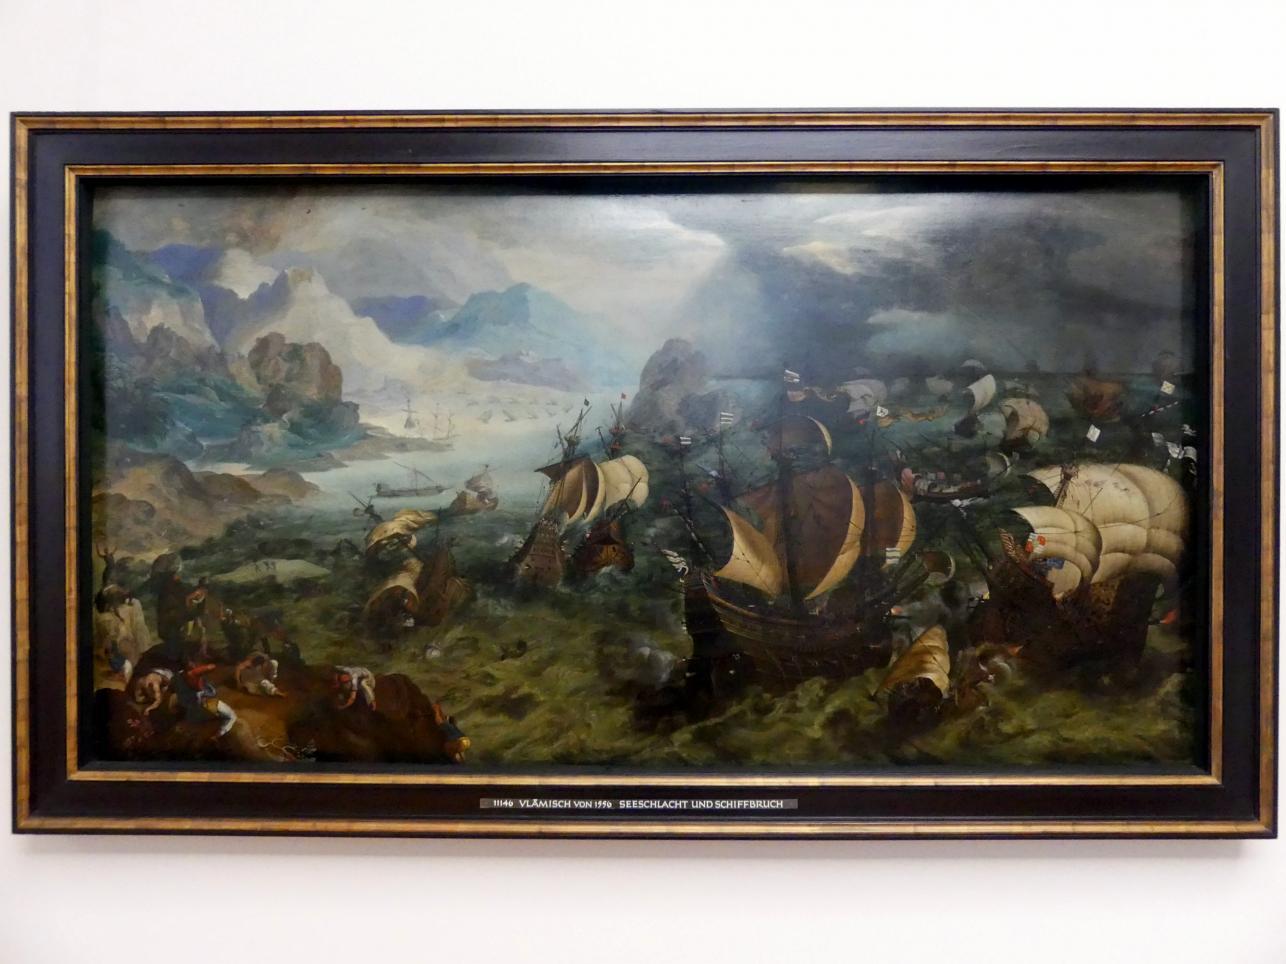 Seeschlacht und Schiffbruch, 1556